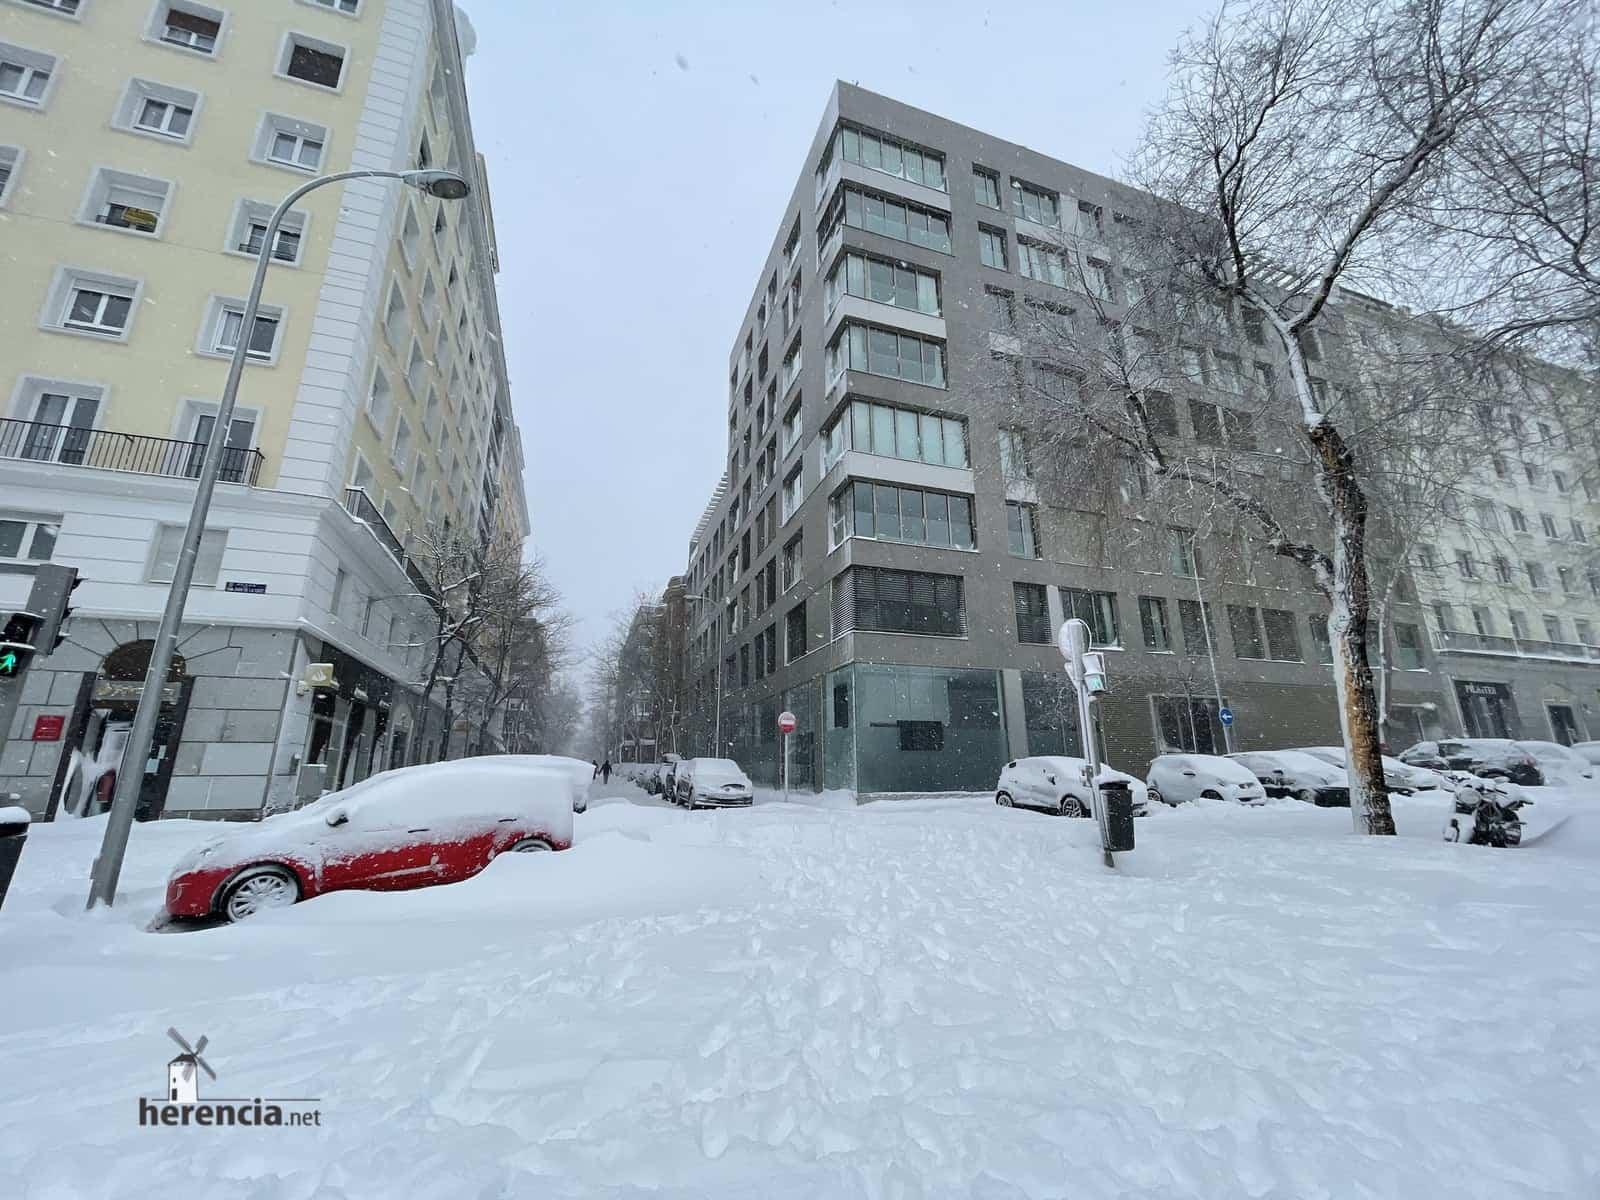 Más fotografías de las nieves de 2021 en Herencia 158